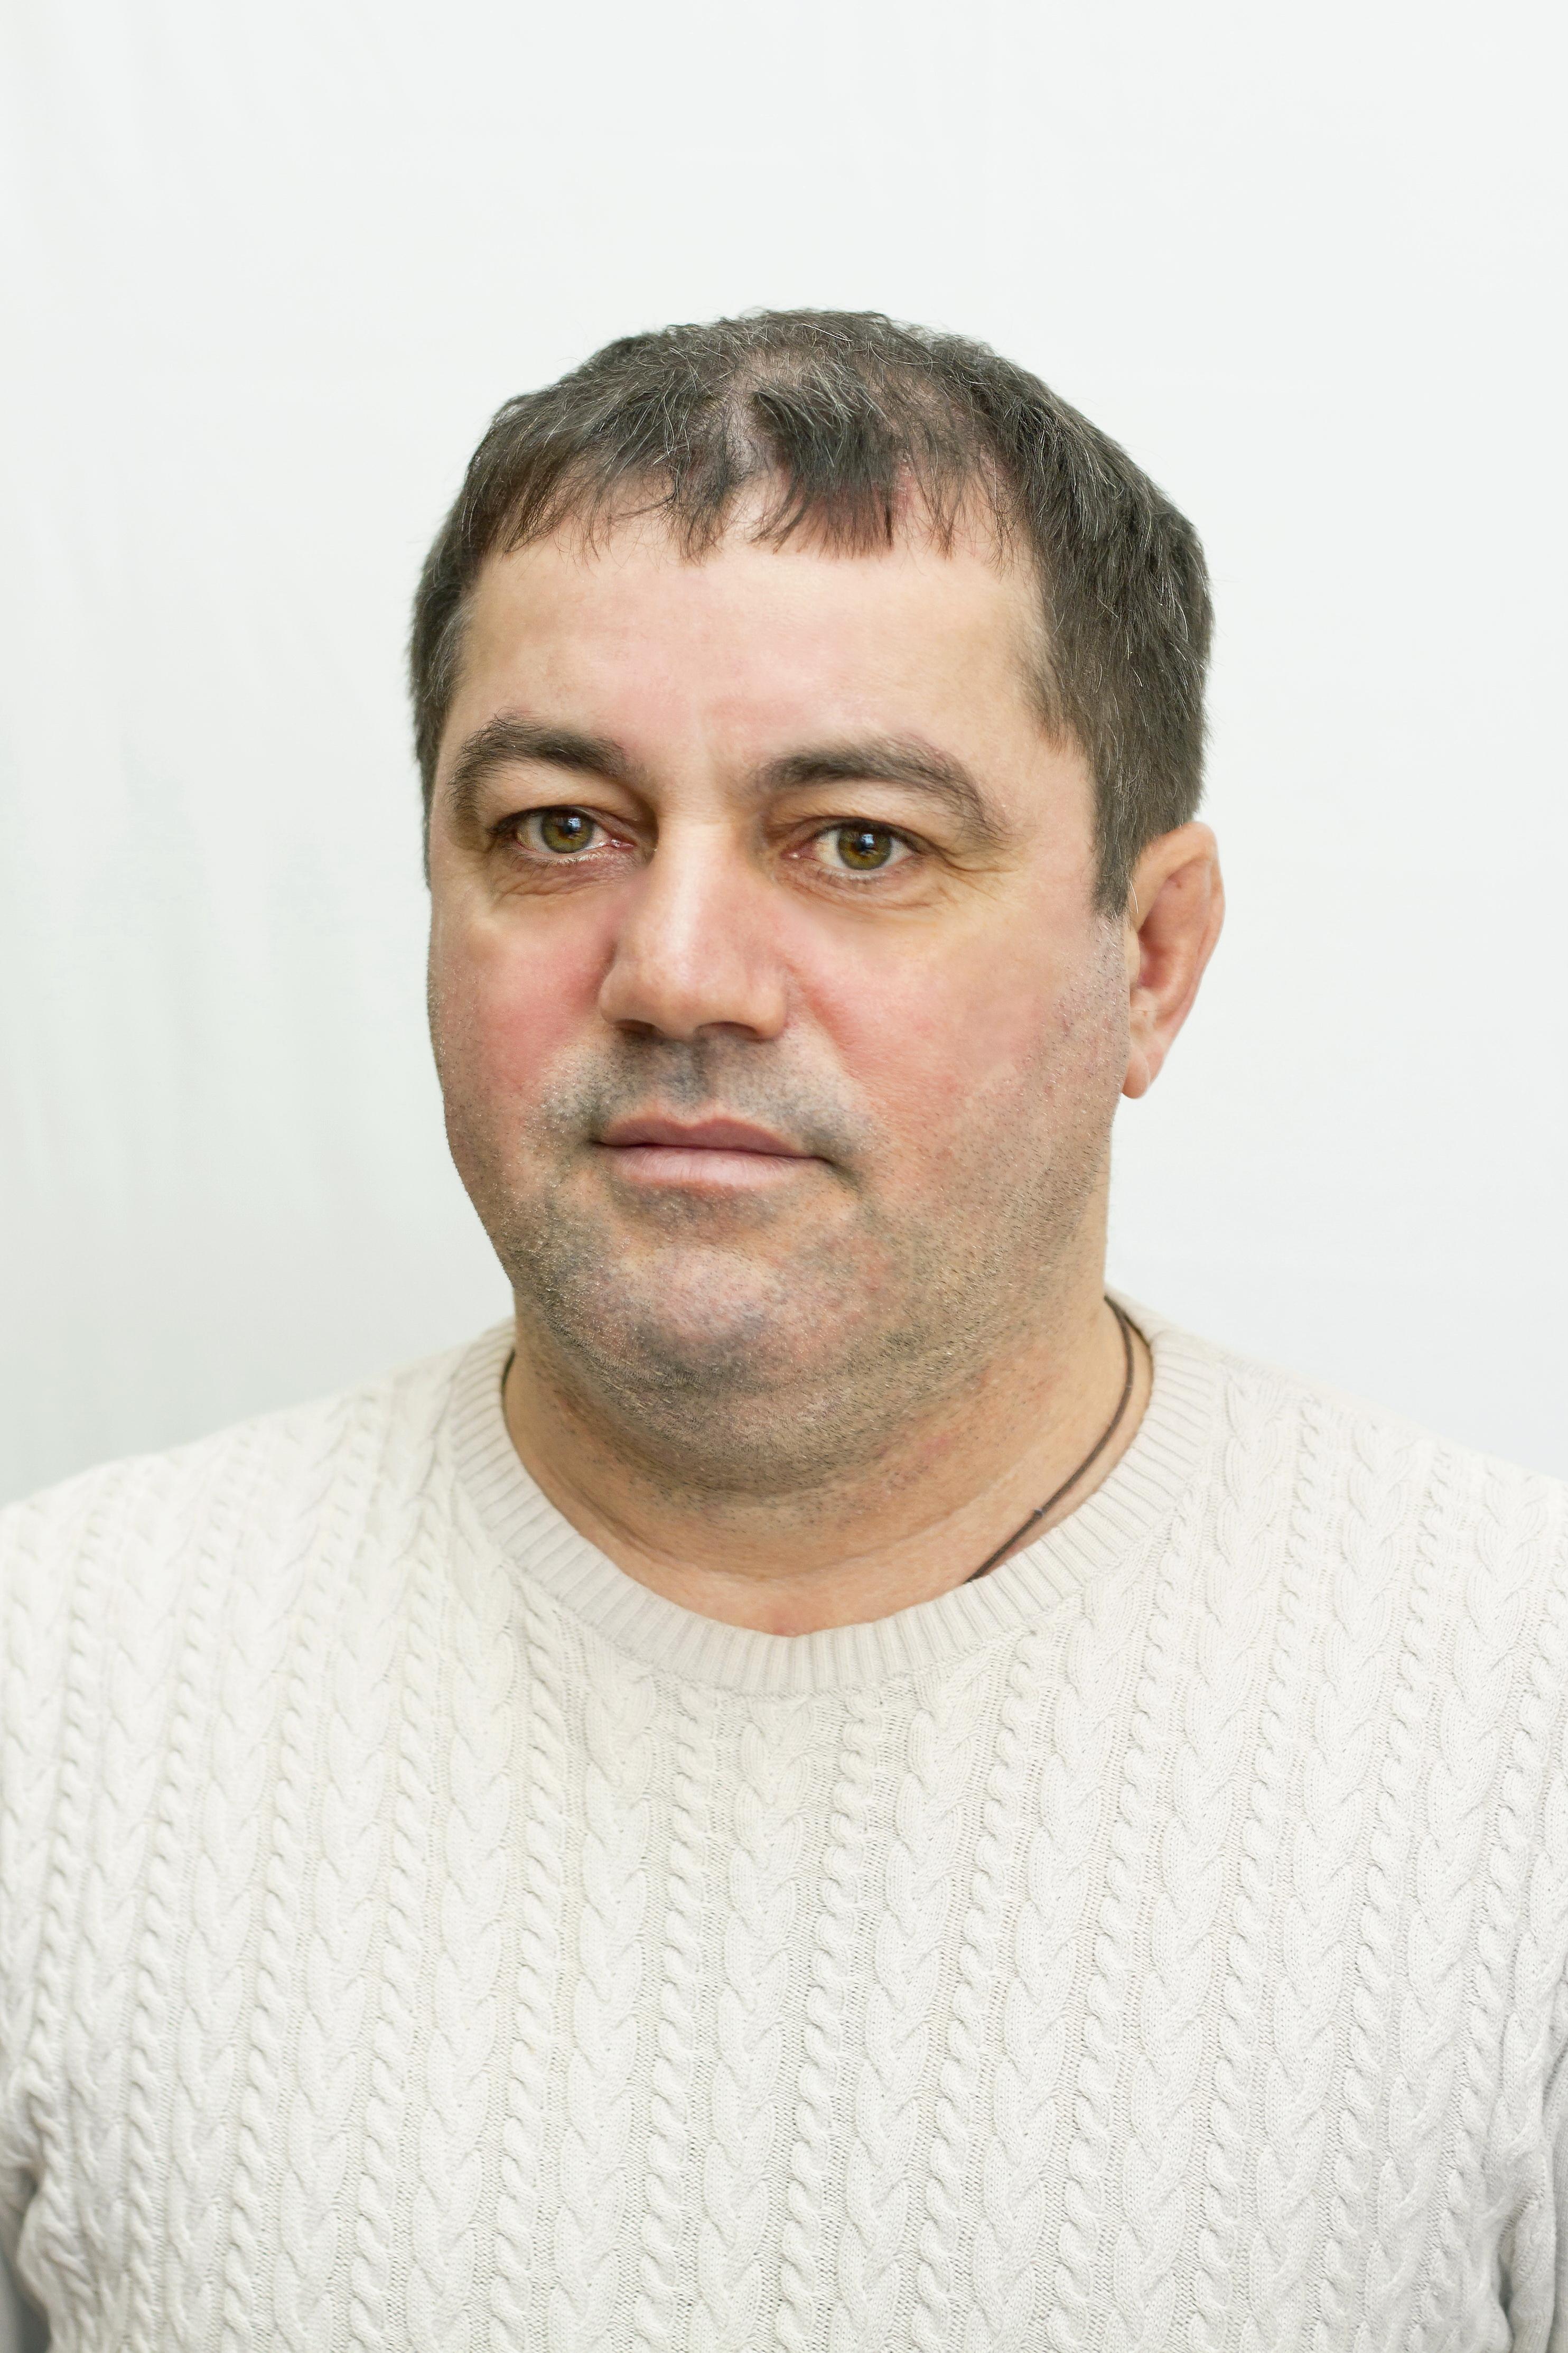 Бухмиллер Сергей Викторович : тренер по вольной борьбе